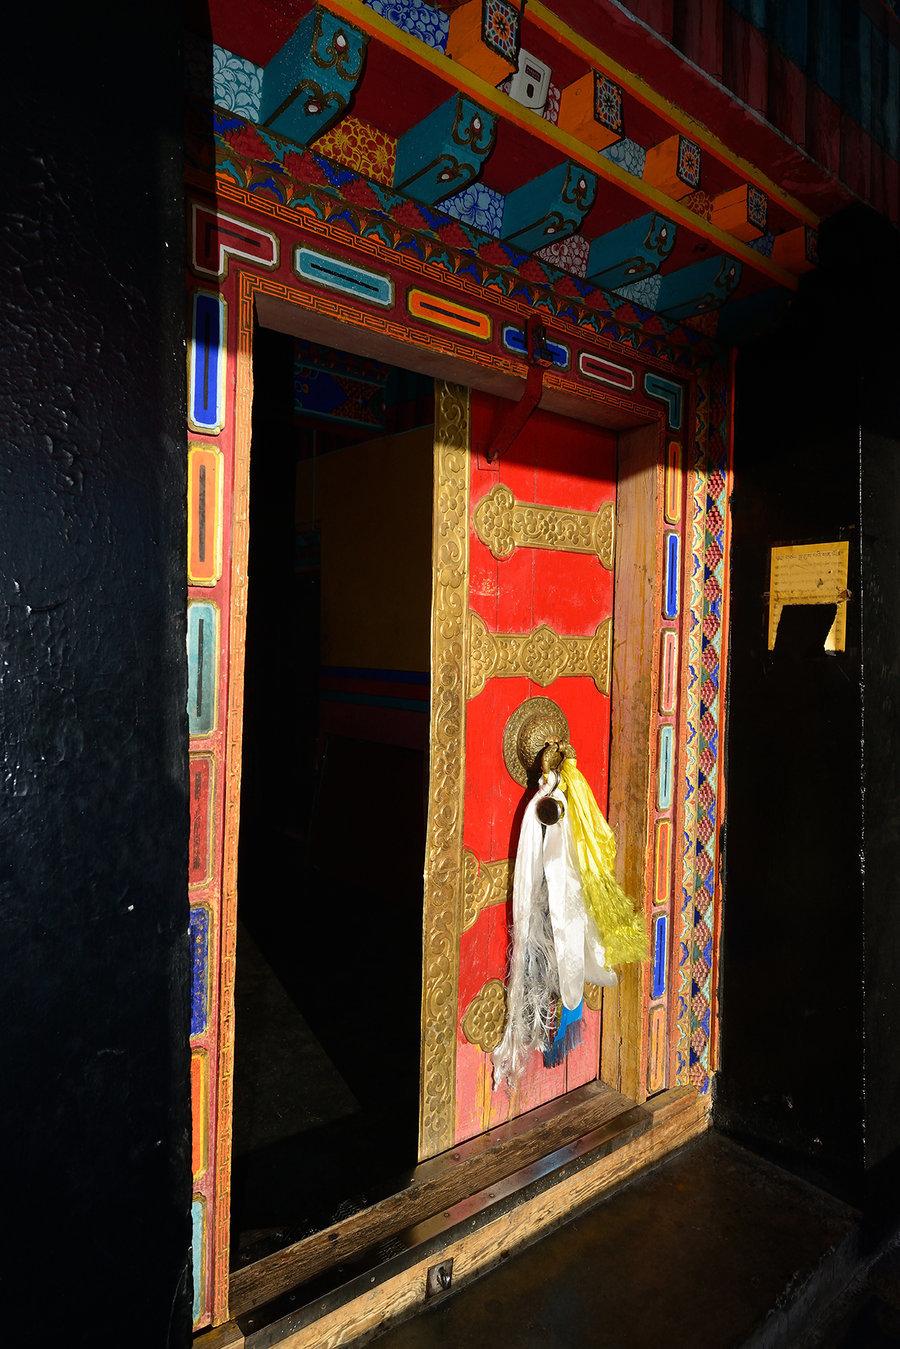 信仰的人们向往布达拉宫,并不为追逐千年前吐薯王朝的空前盛世,